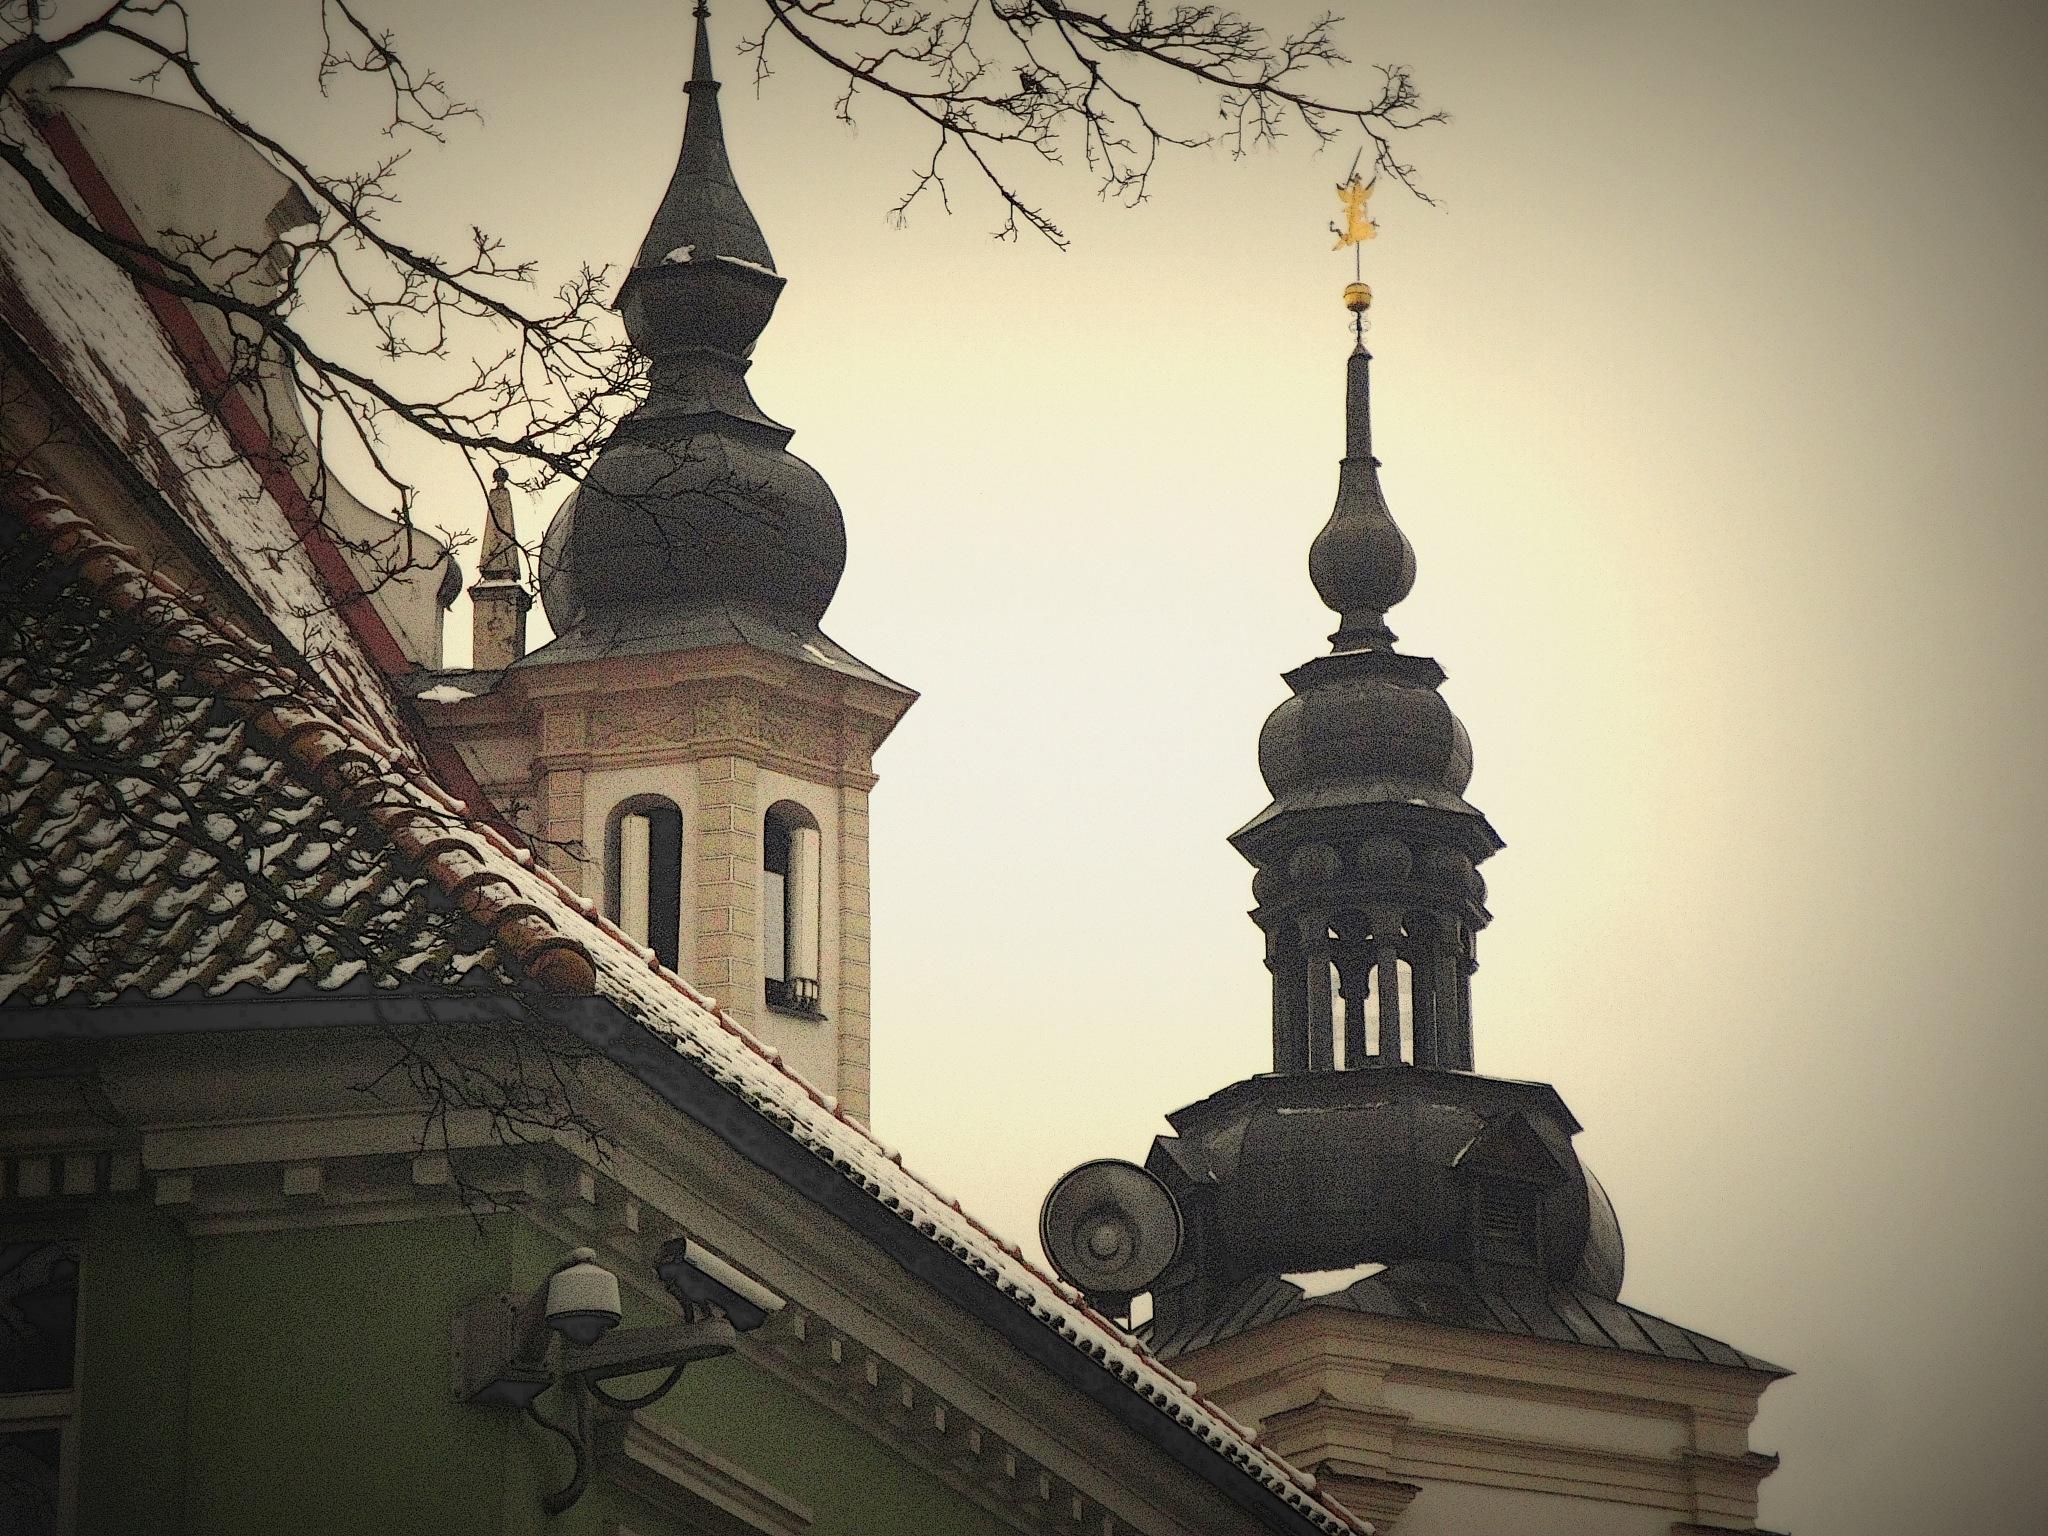 Church/bell by SigitaBer